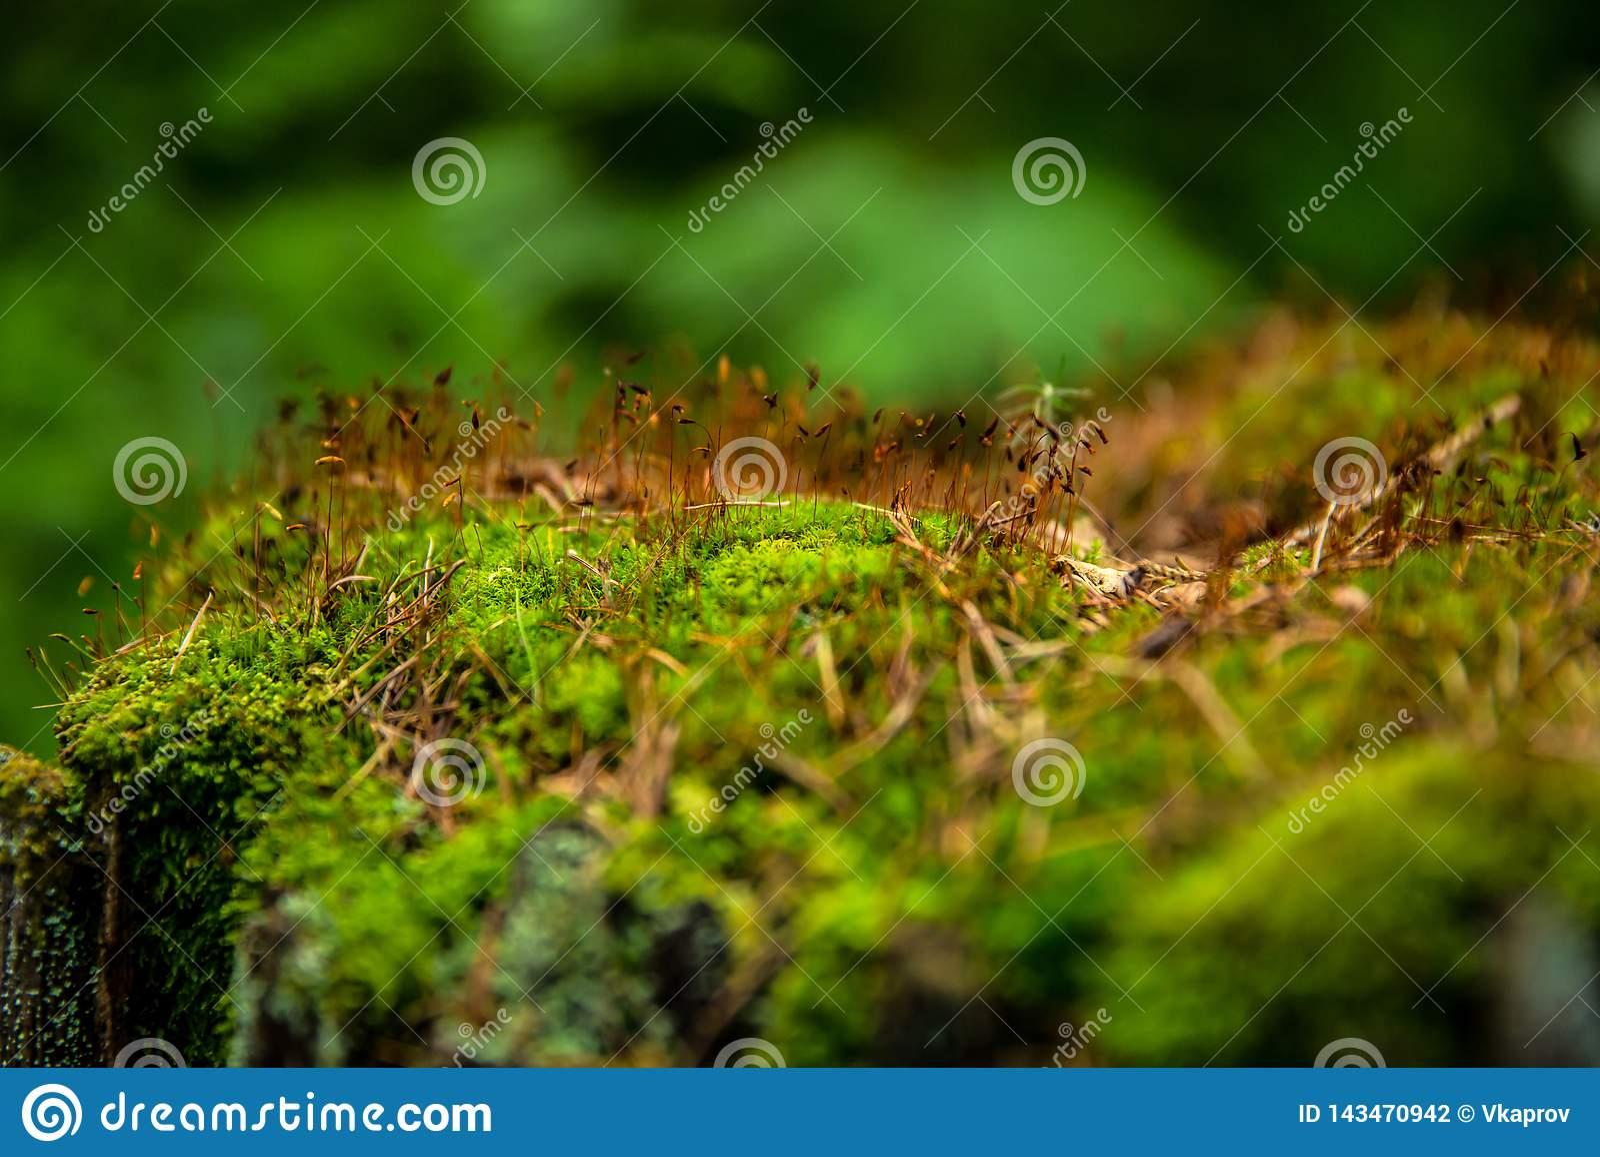 Grünes Moos und gelbes Gras auf einem Baum im Wald